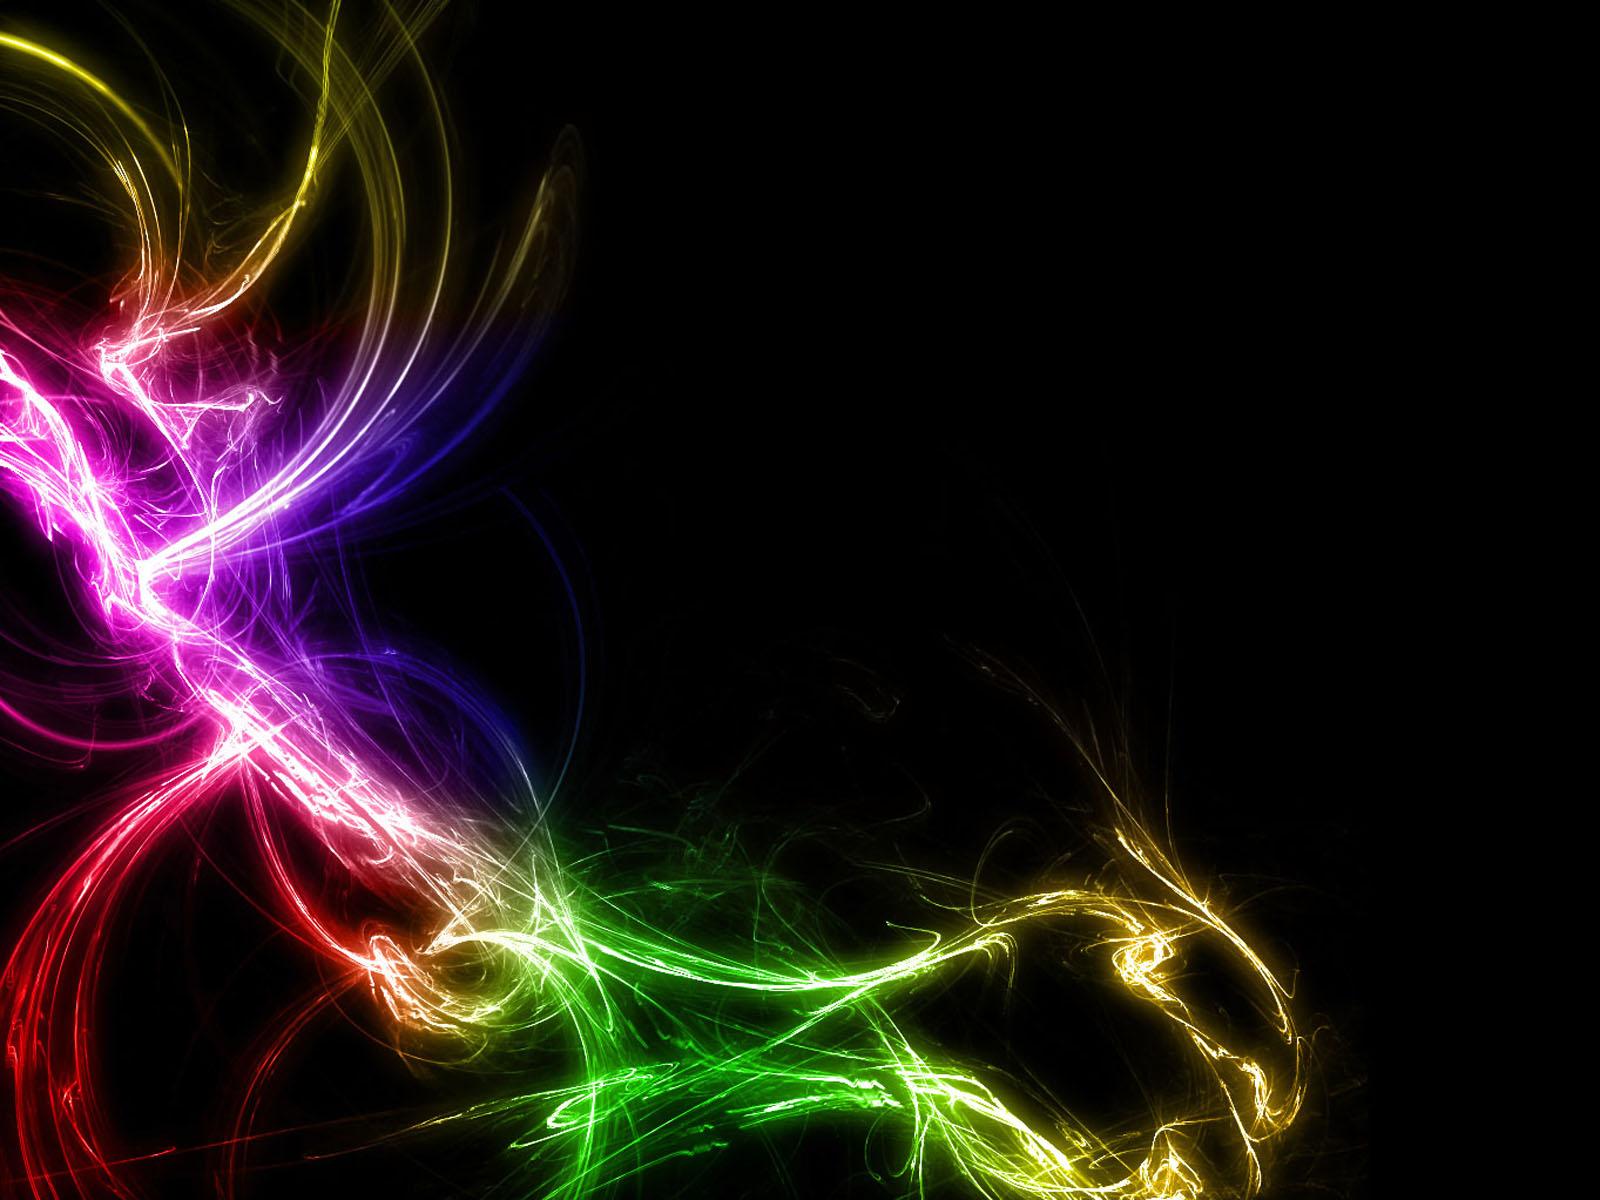 gratis abstracte kleuren wallpapers - photo #2